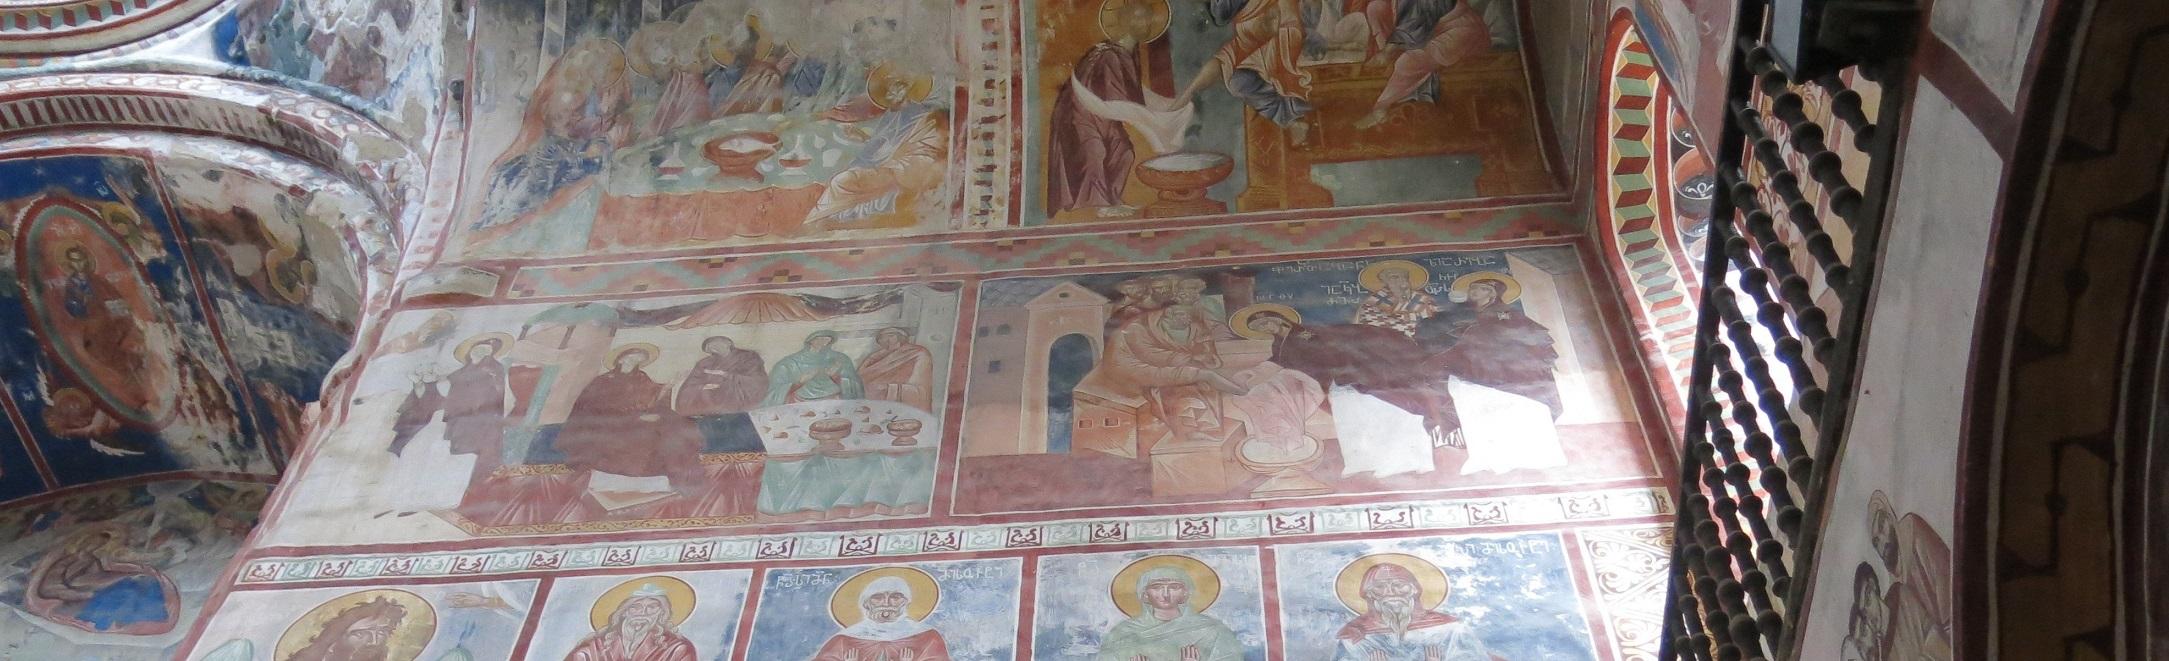 georgie kerk